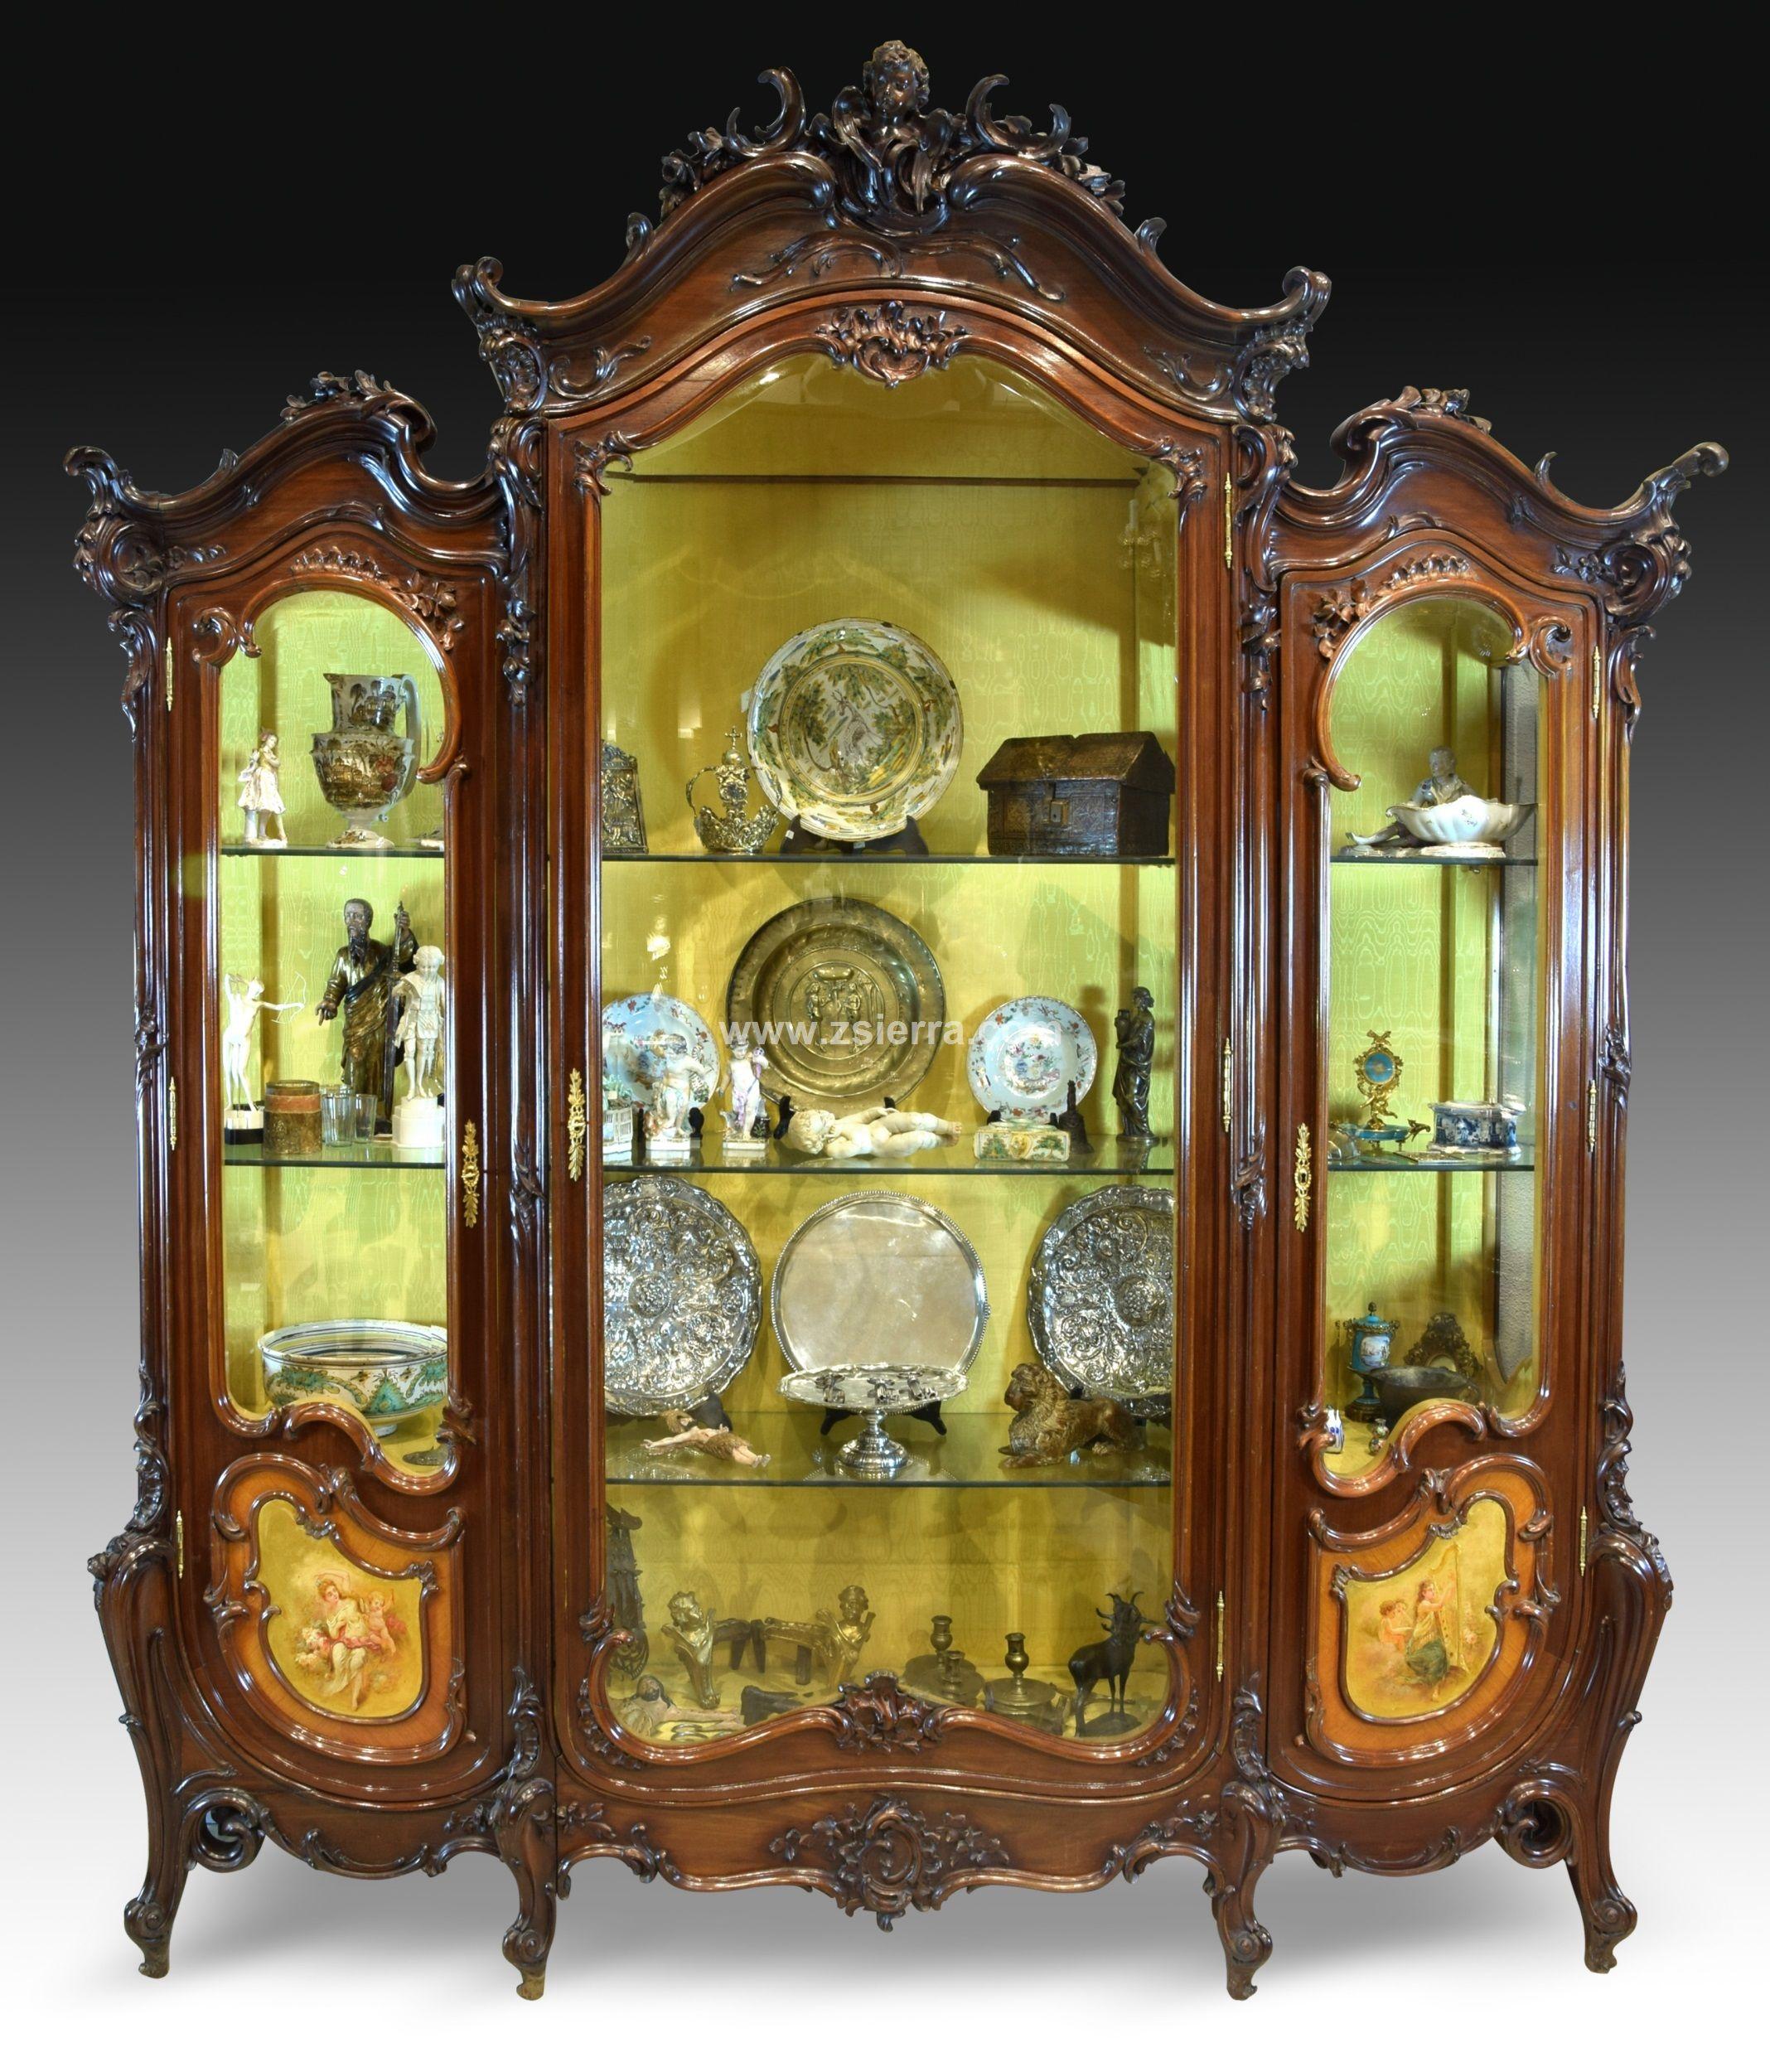 Imagenes de marcos de espejos con angeles tallados en for Disenos de marcos de madera para espejos